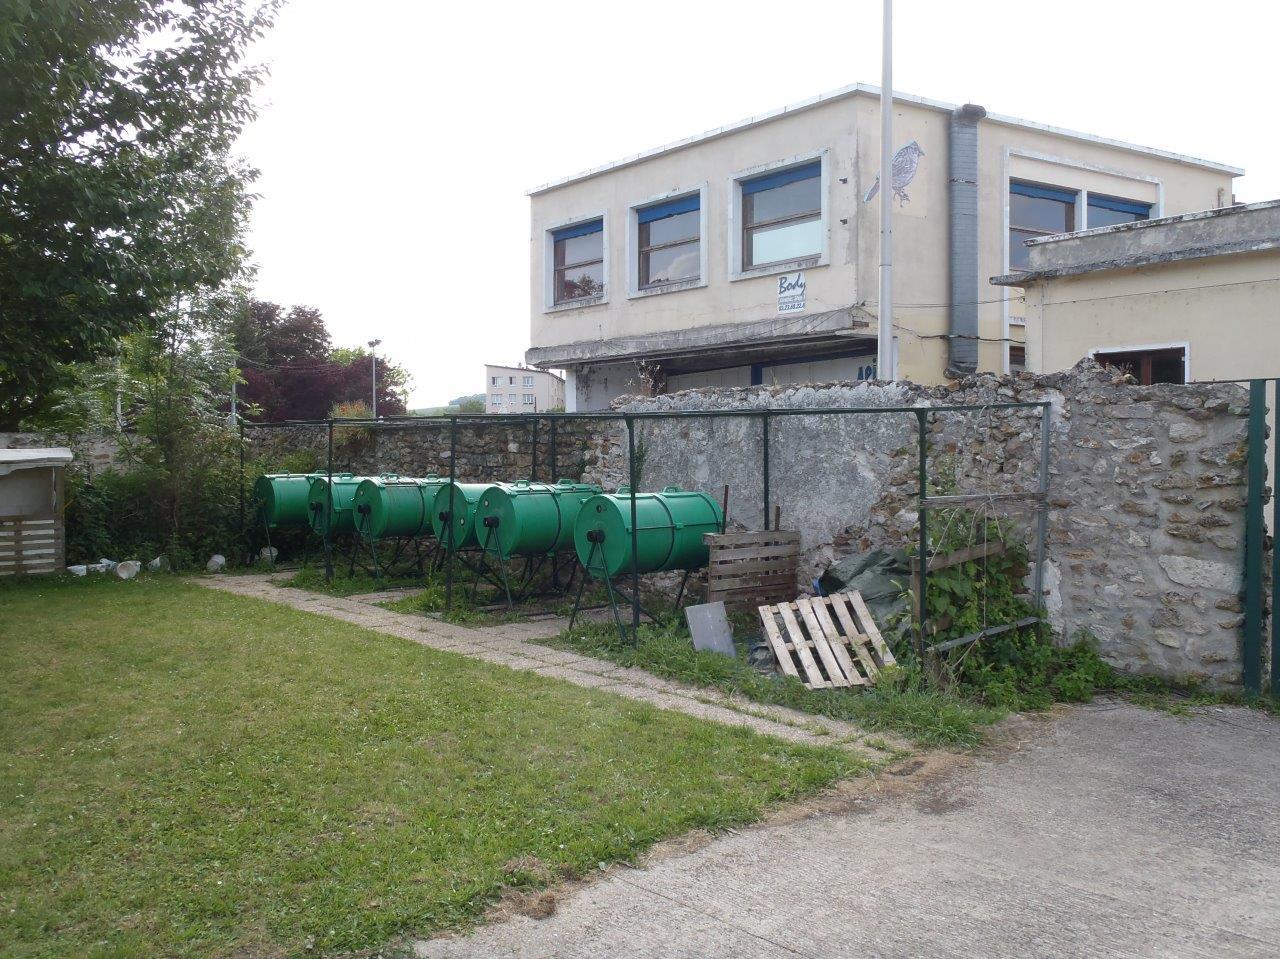 Les composteurs rotatifs contribuent pour une grande part à la réduction des déchets de cantine.